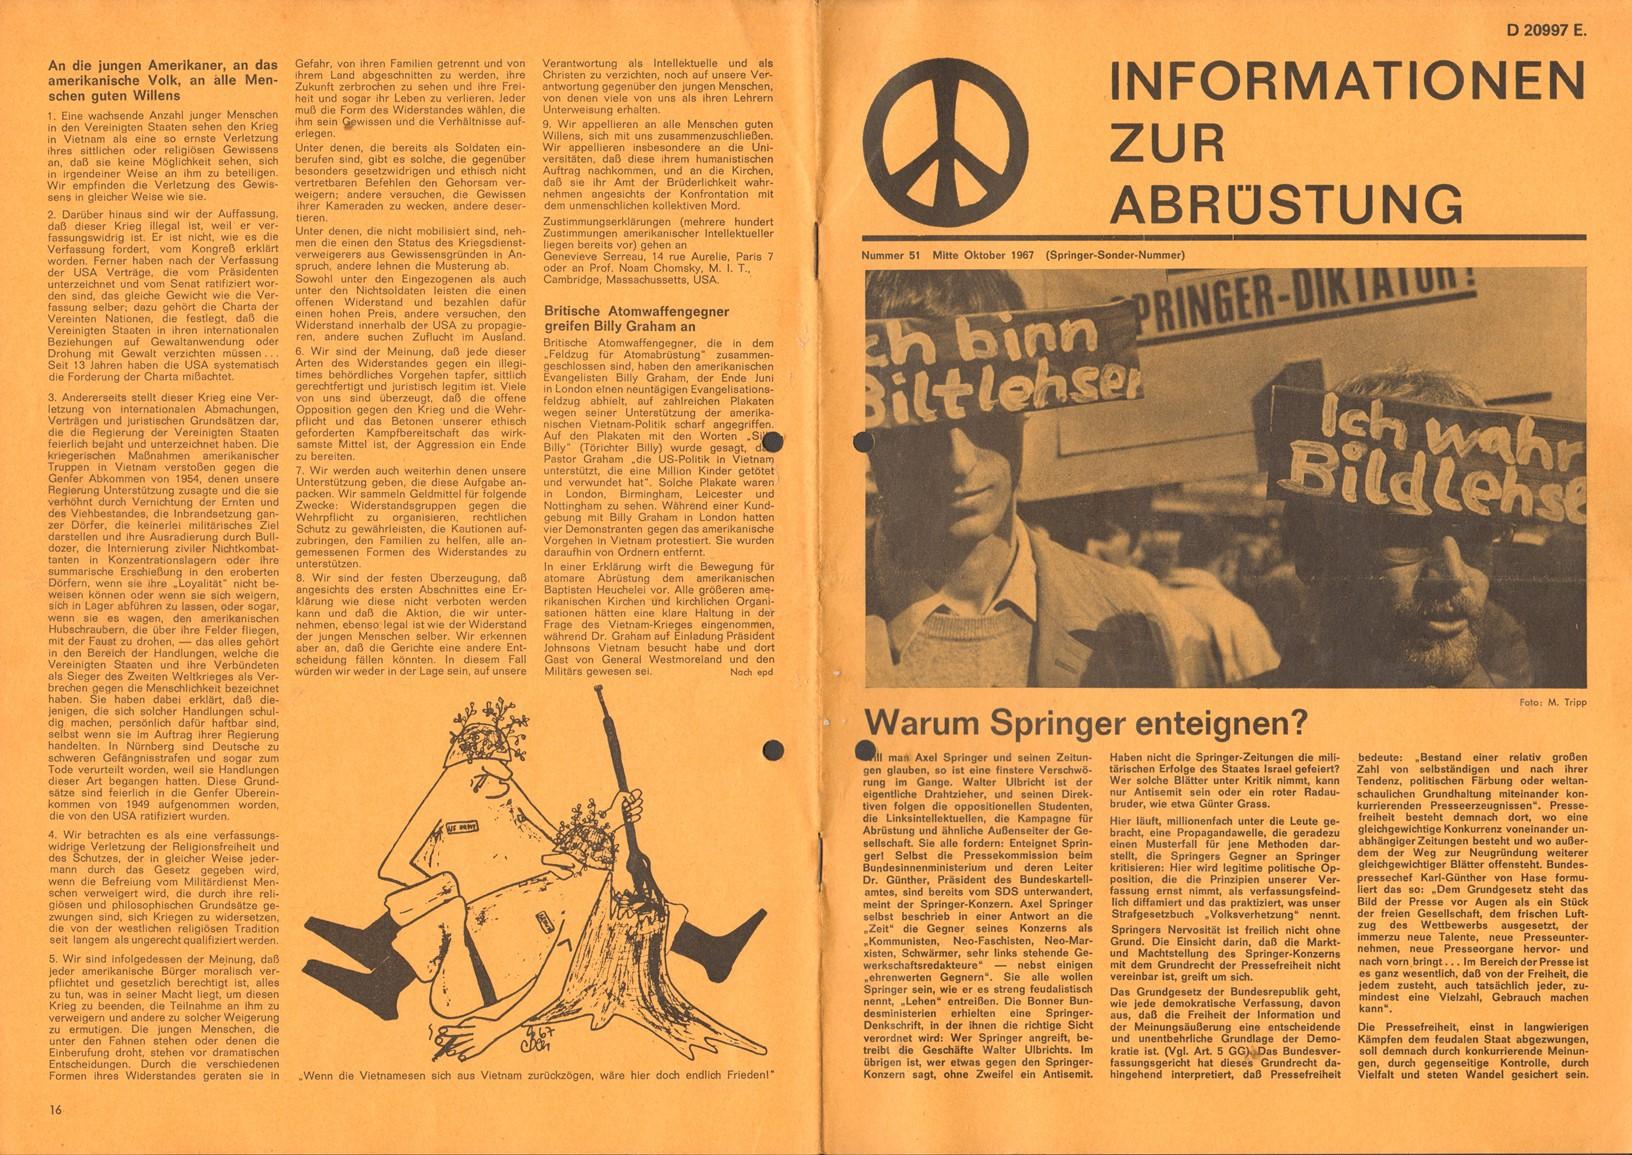 Informationen_zur_Abruestung_1967_051_001